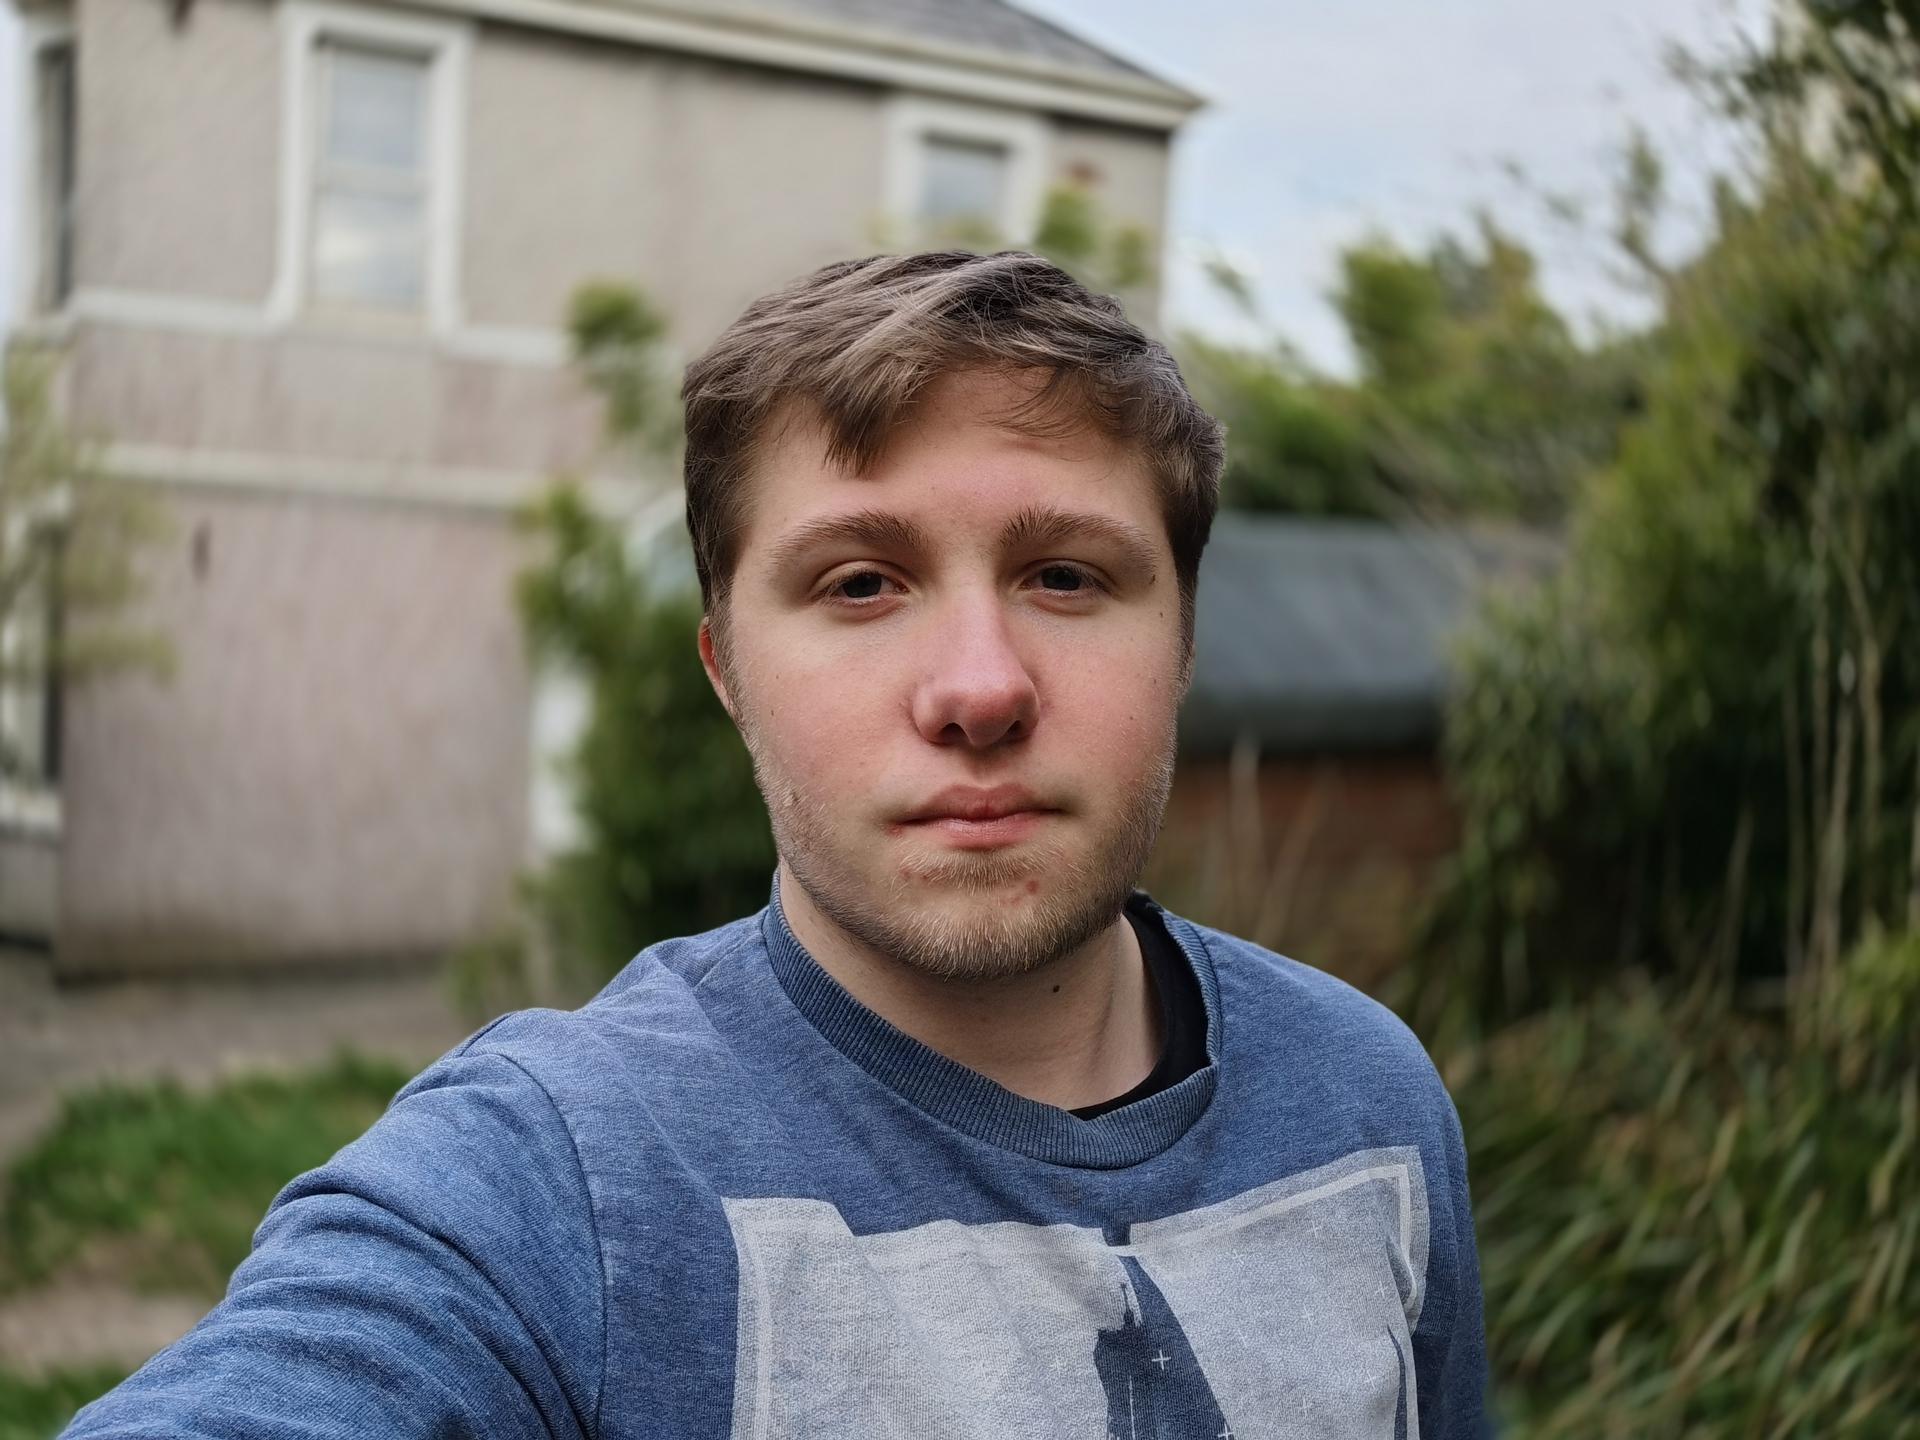 P40 Pro camera sample Portrait selfie swirl bokeh